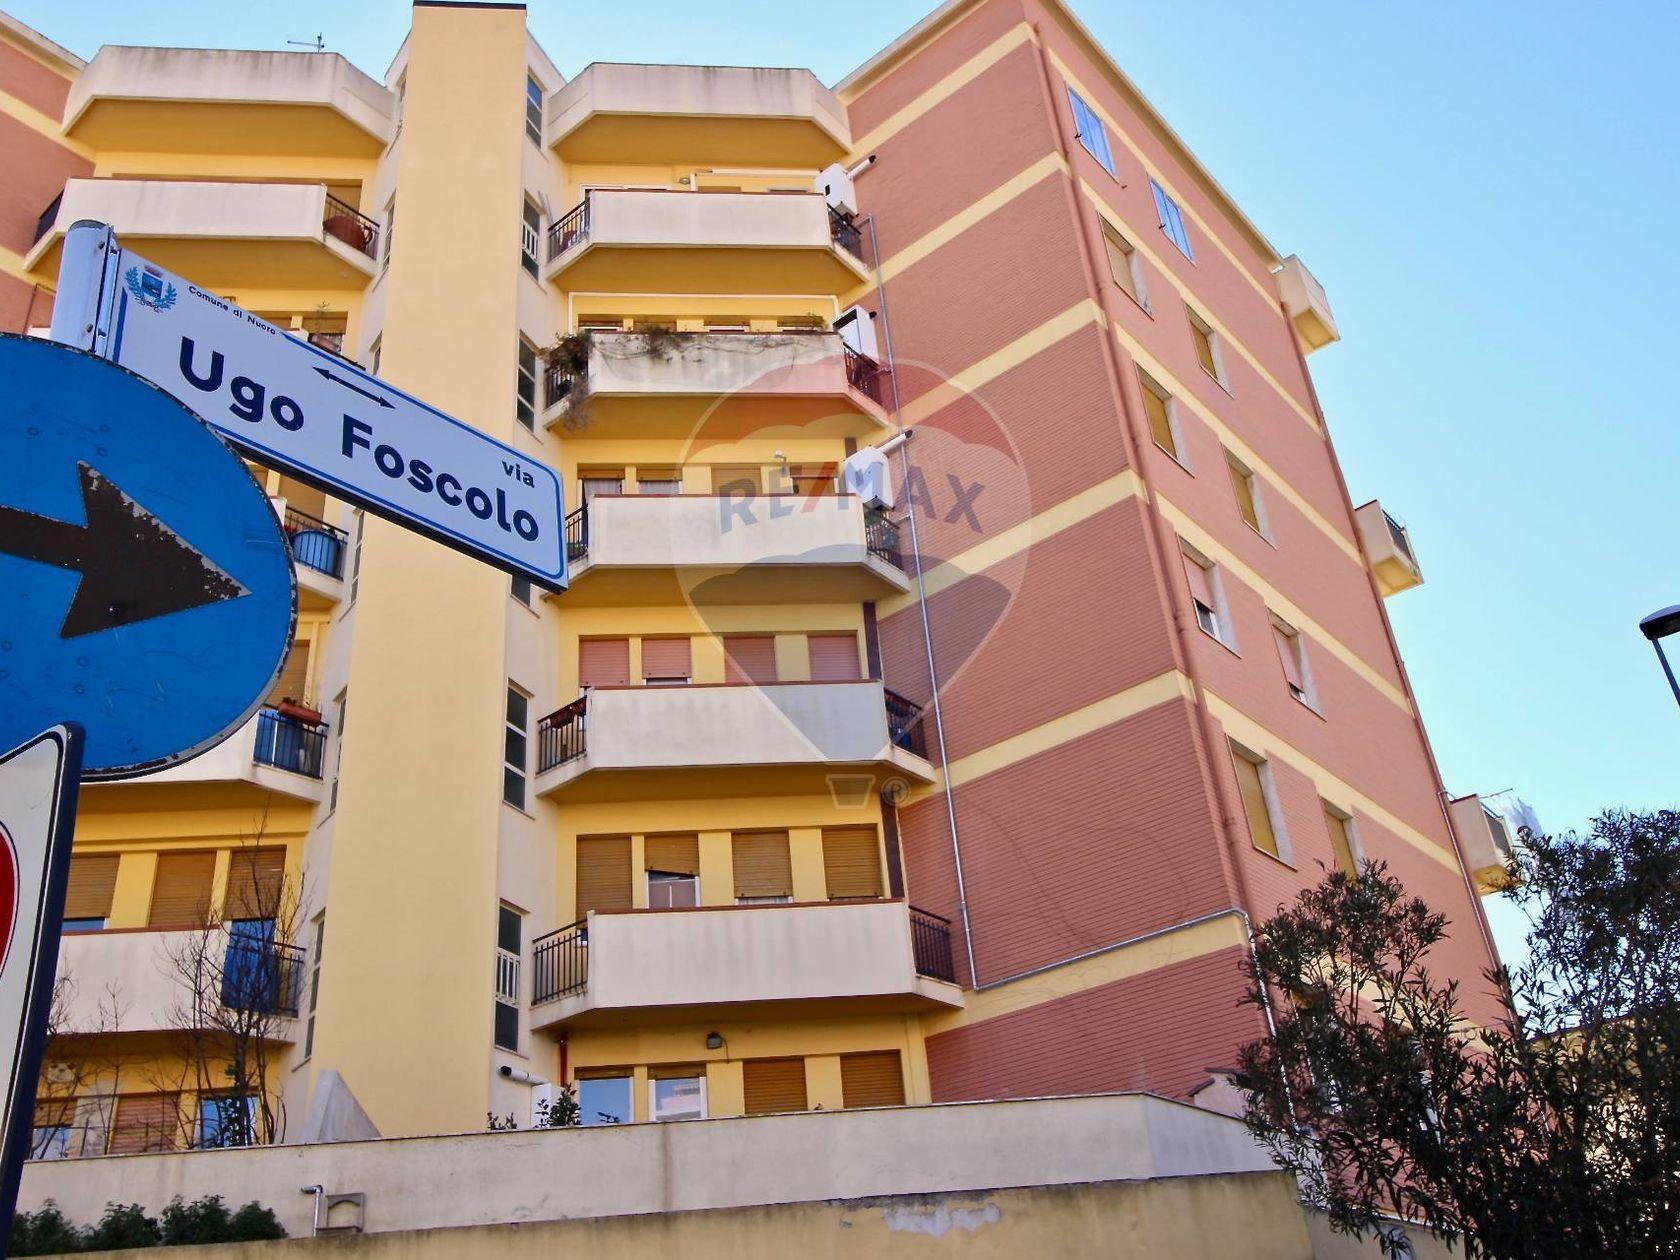 Appartamento Centro, Nuoro, NU Vendita - Foto 17